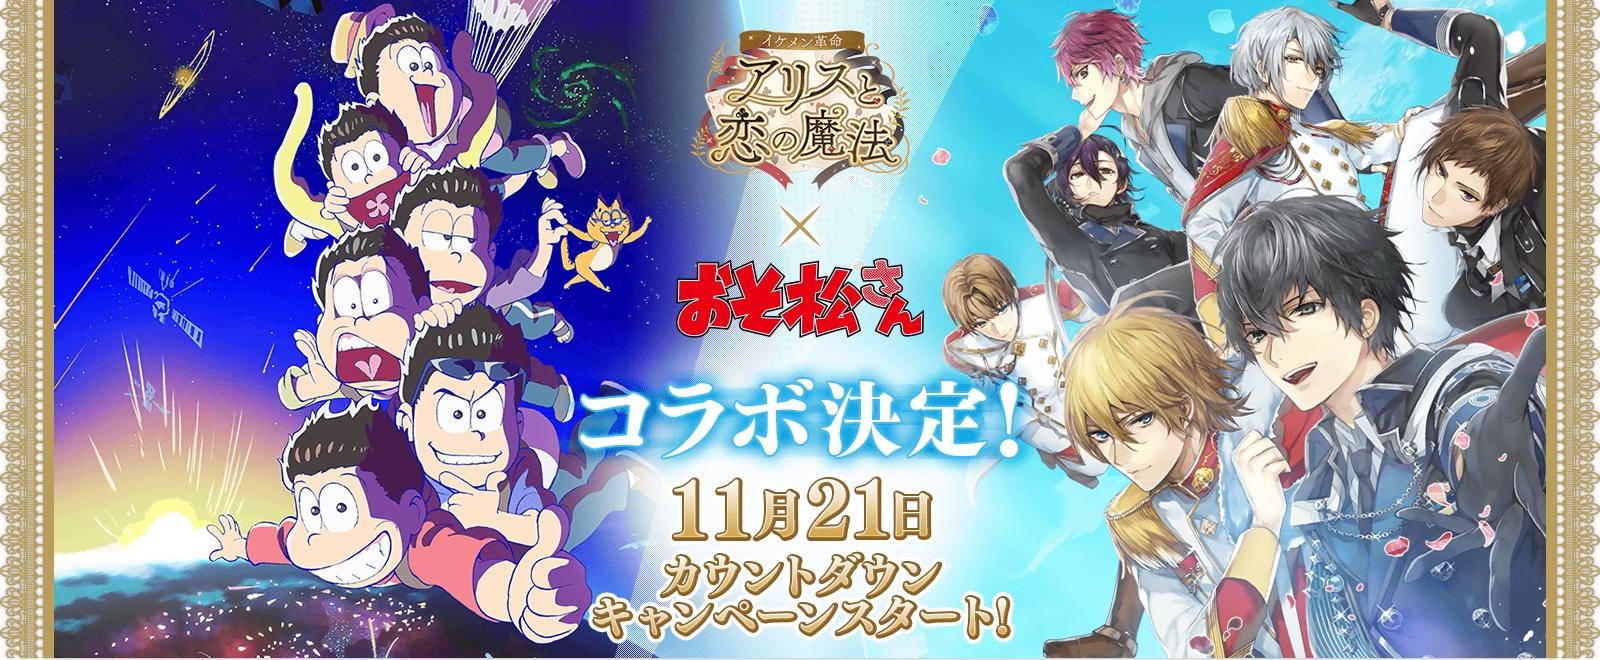 『イケメン革命◆アリスと恋の魔法』とテレビアニメ「おそ松さん」のコラボが決定!